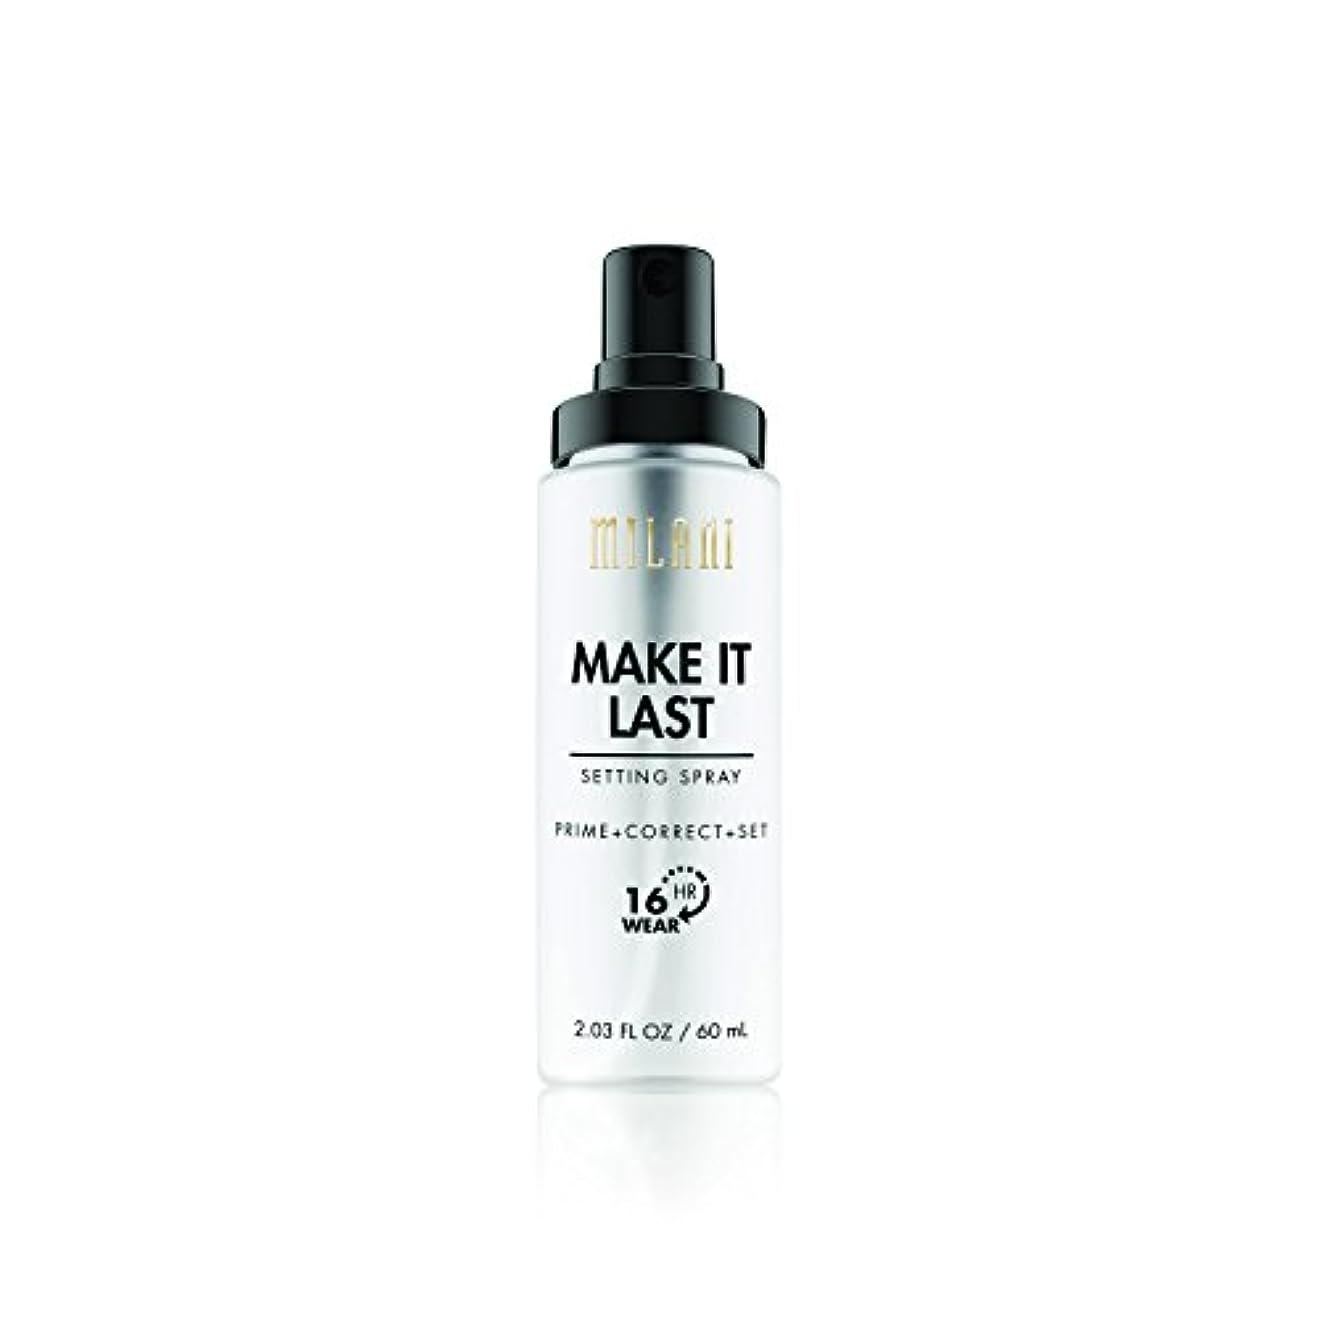 計り知れないマガジンかもしれないMILANI Make It Last Setting Spray - Prime + Correct + Set (並行輸入品)